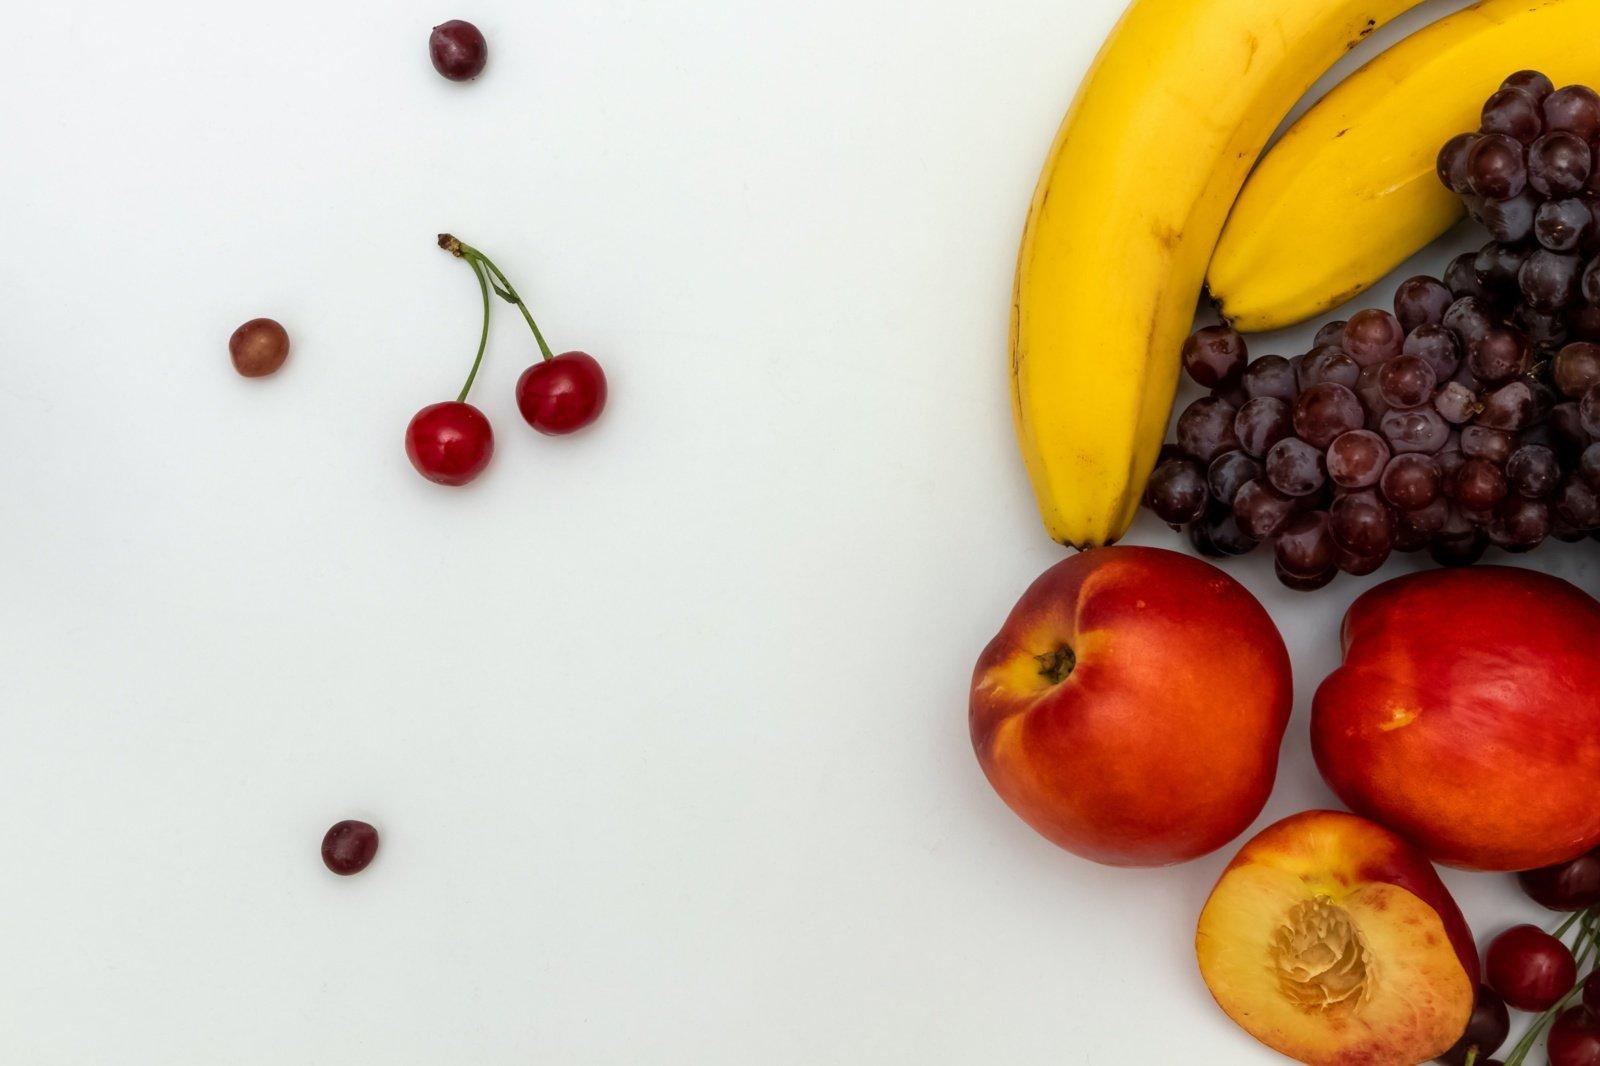 Kaip atsikratyti vaisinių muselių: padės namuose esančios priemonės